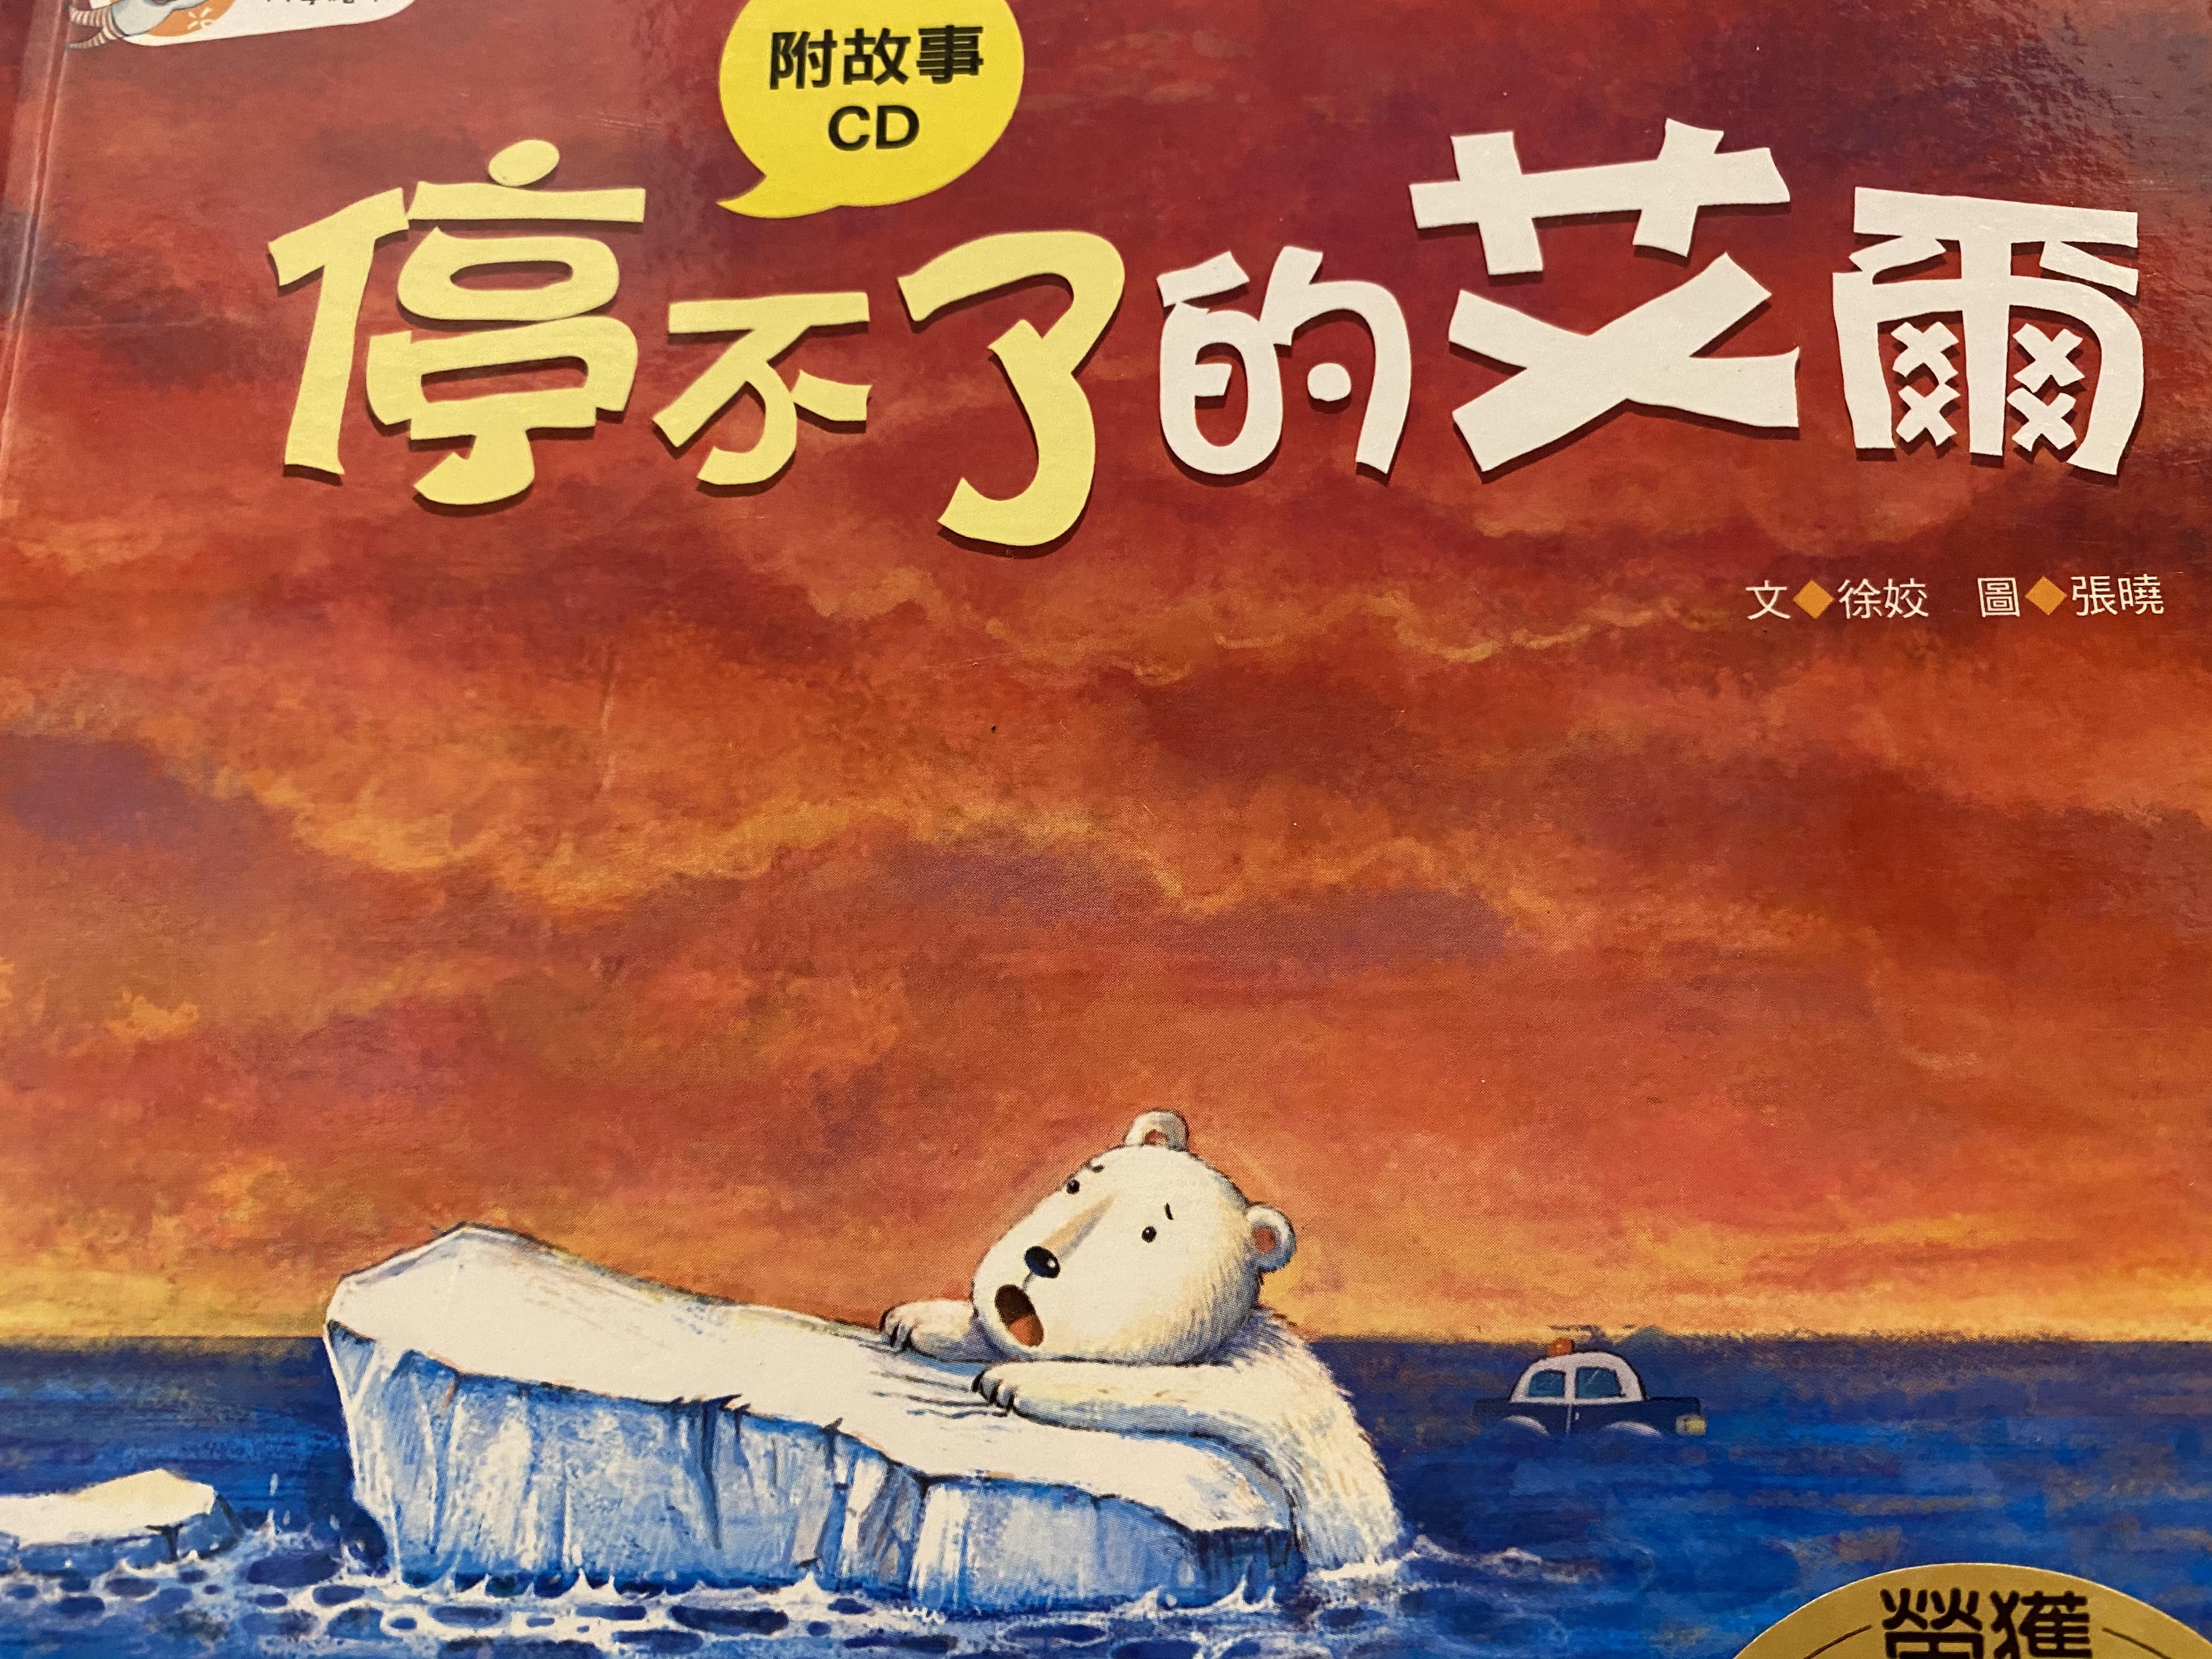 S3-012/ 停不了的艾爾/ 文 徐姣/ 圖 張曉/ 幼福出版